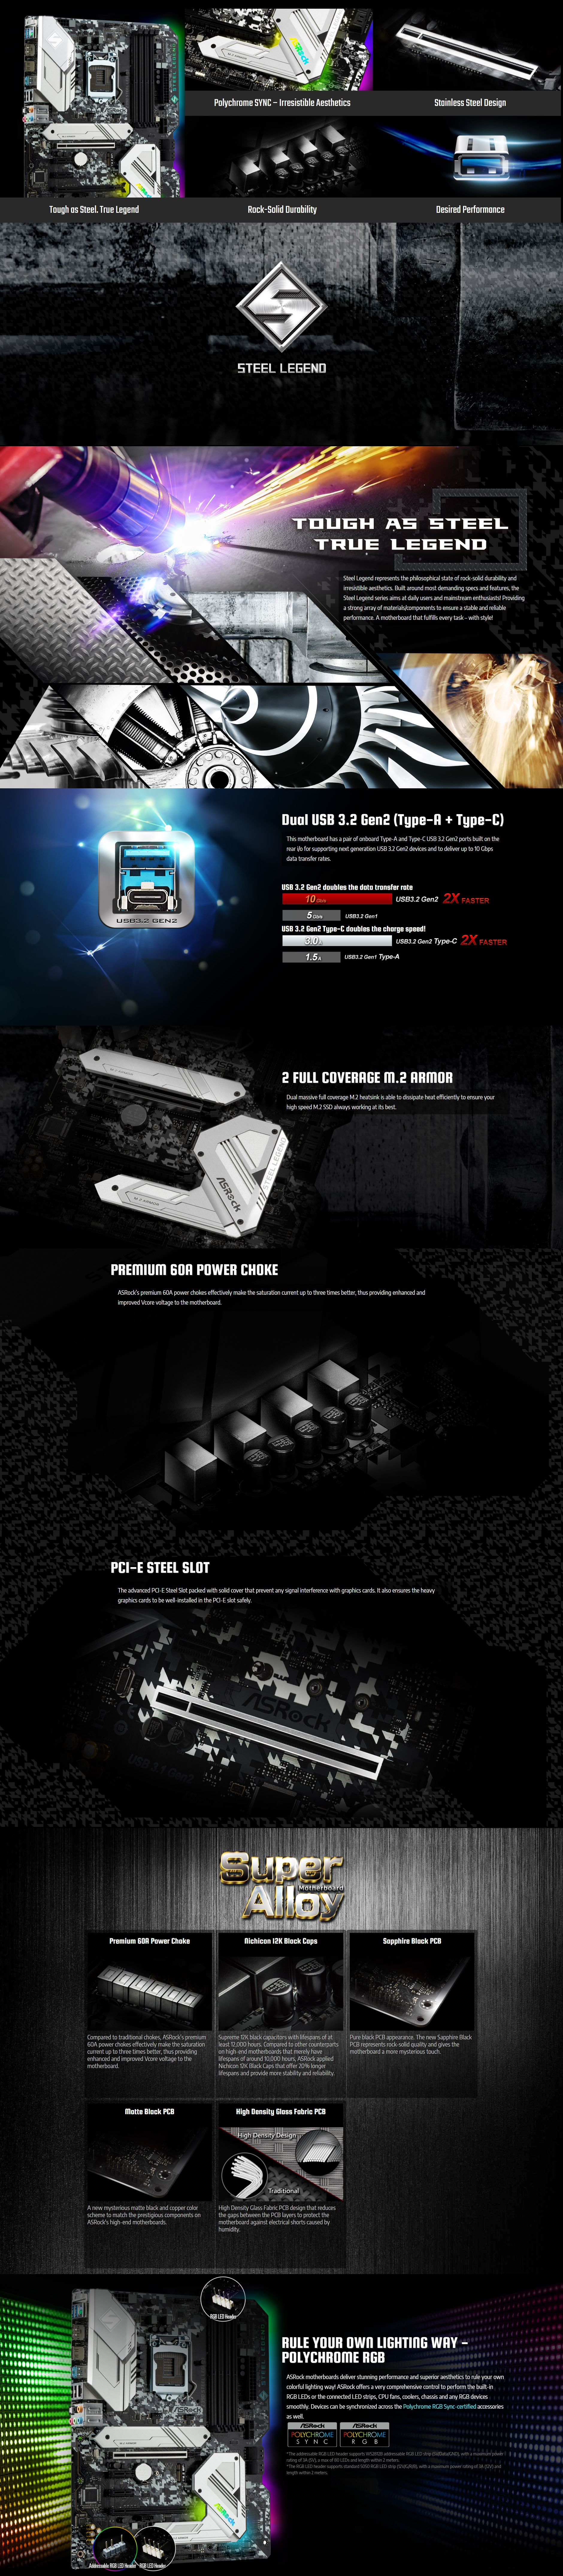 ASRock Z390-Steel-Legend LGA1151 Motherboard